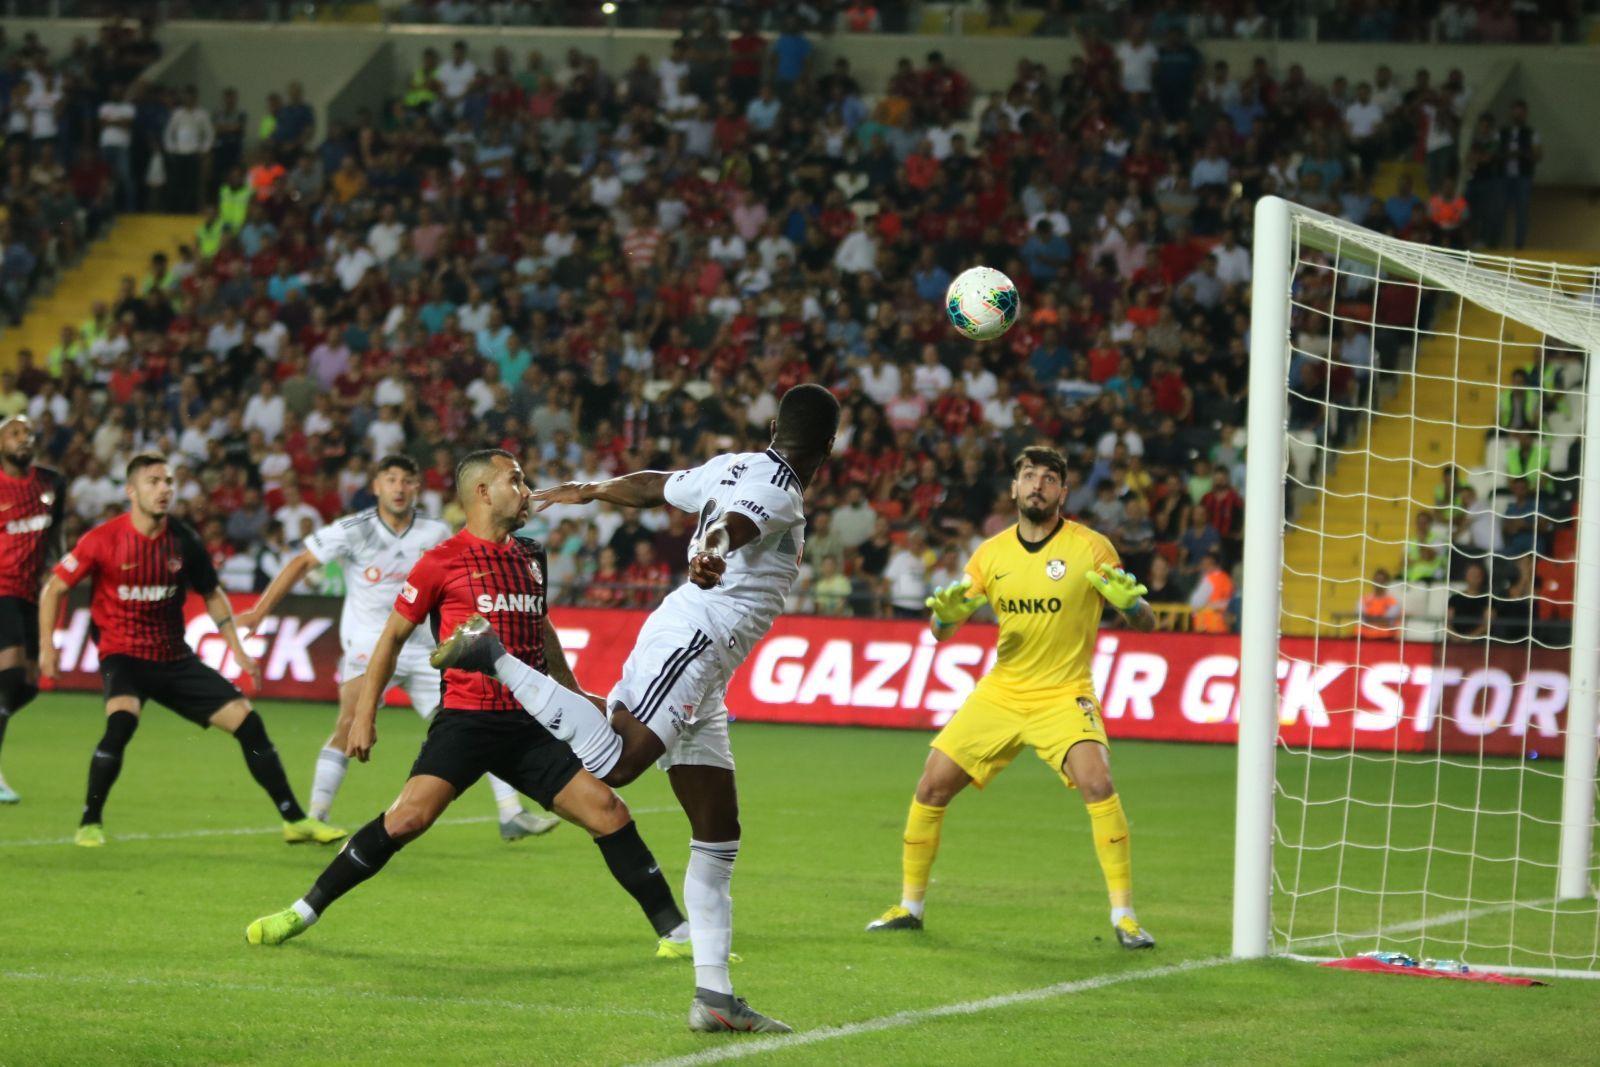 Beşiktaş Gaziantep Maçı Canlı İzle | Beşiktaş Gaziantep beIN Sports şifresiz canli izle (Lig TV)